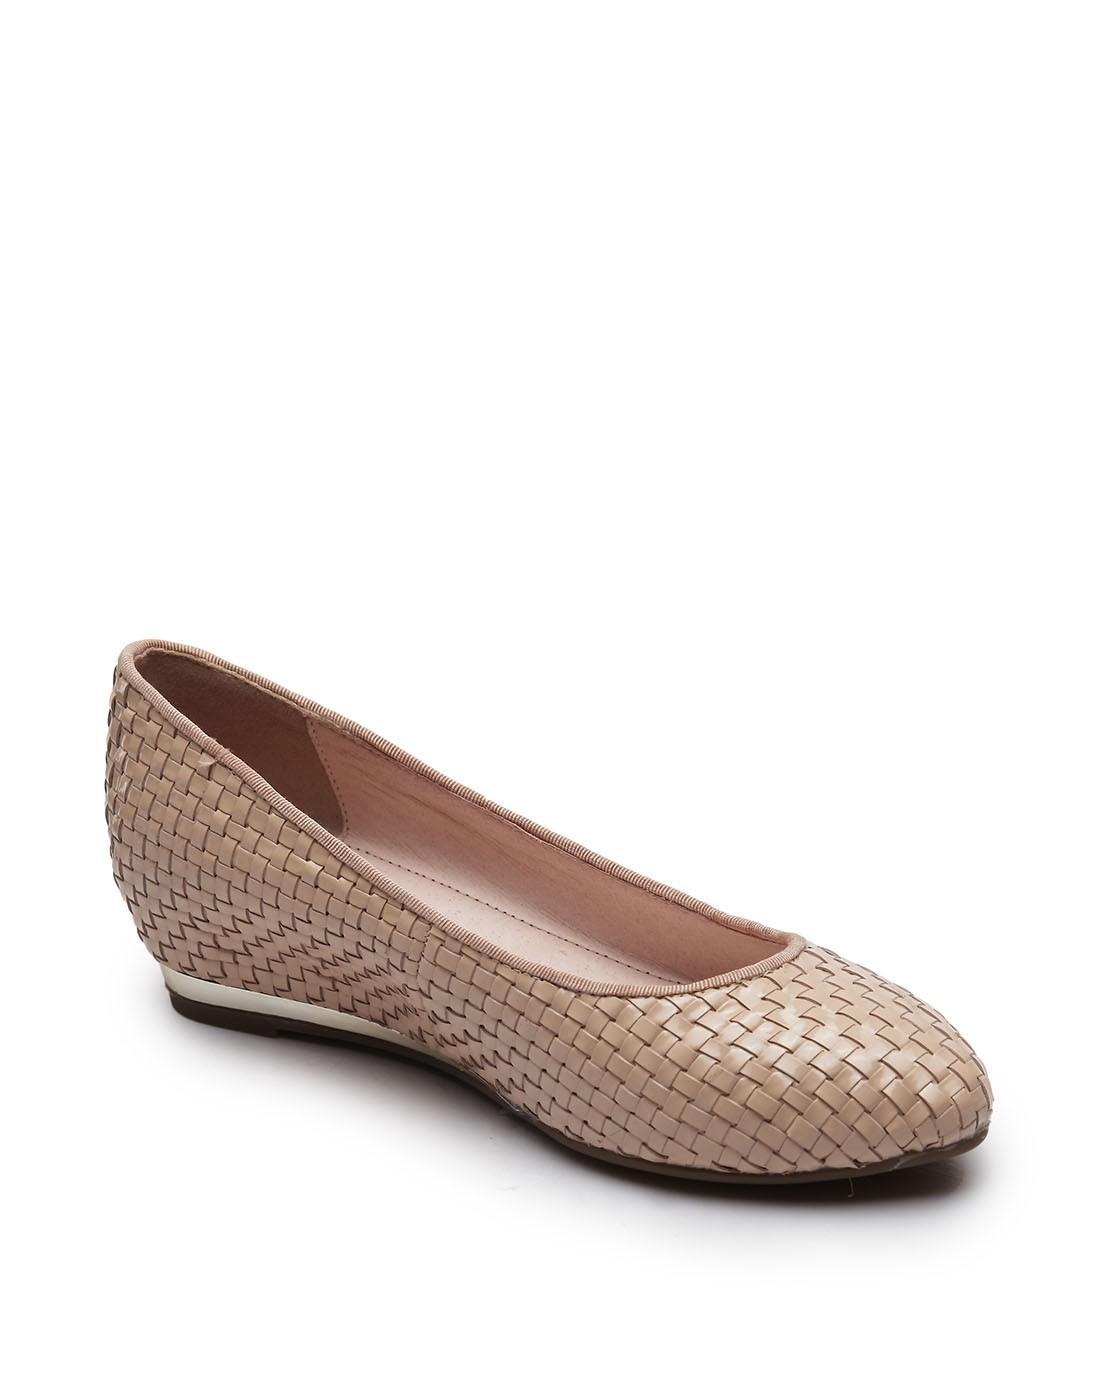 森林公主米粉色猪皮编织内增高休闲单鞋ff1c41316a1